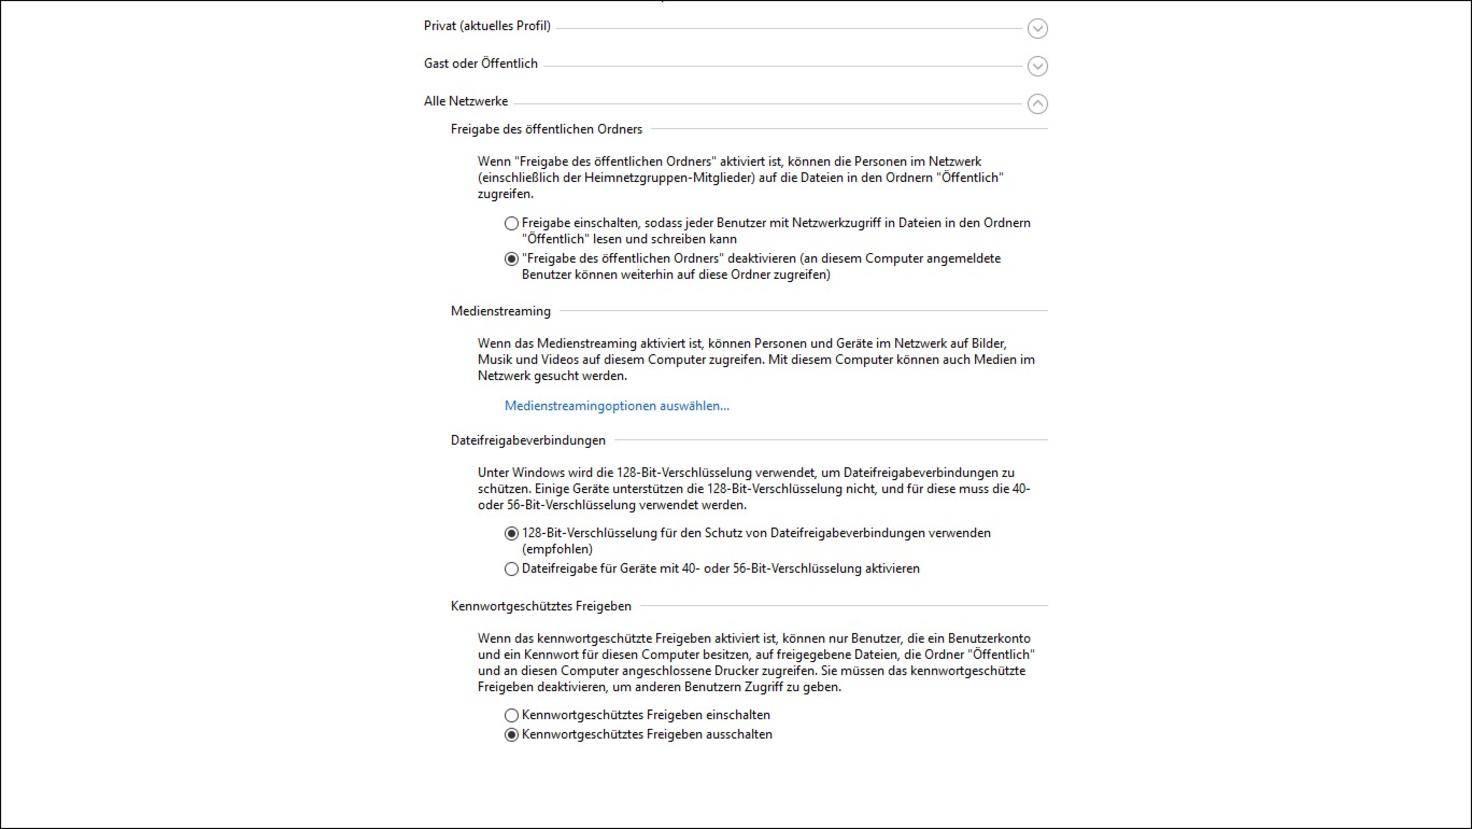 Windows-10-Netzwerkfreigabe-Kennwortgeschützte